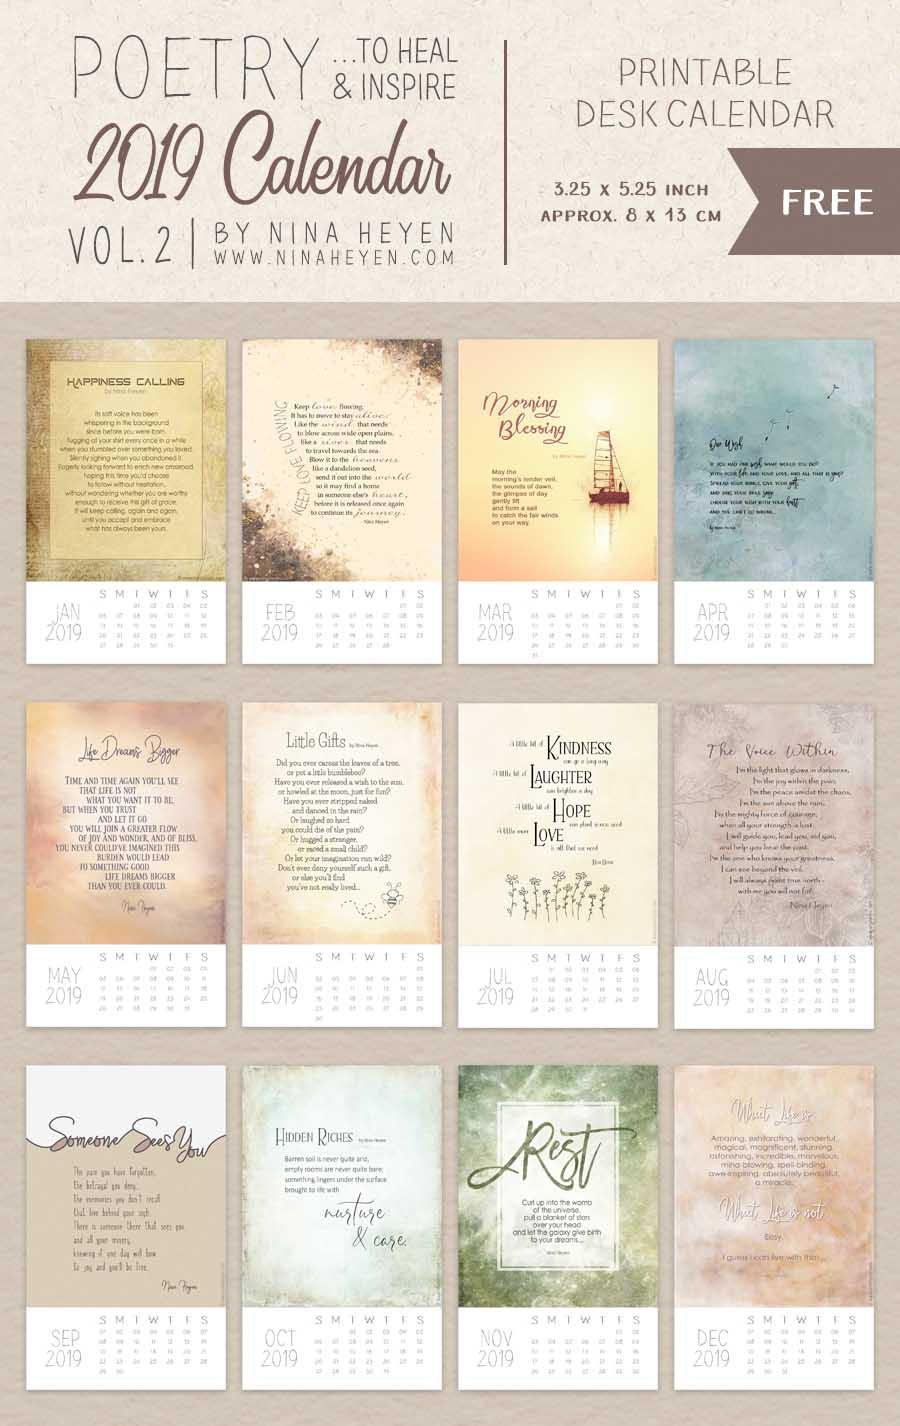 Poetry Calendar 2019 Vol 2 Free Printable Inspirational Desk